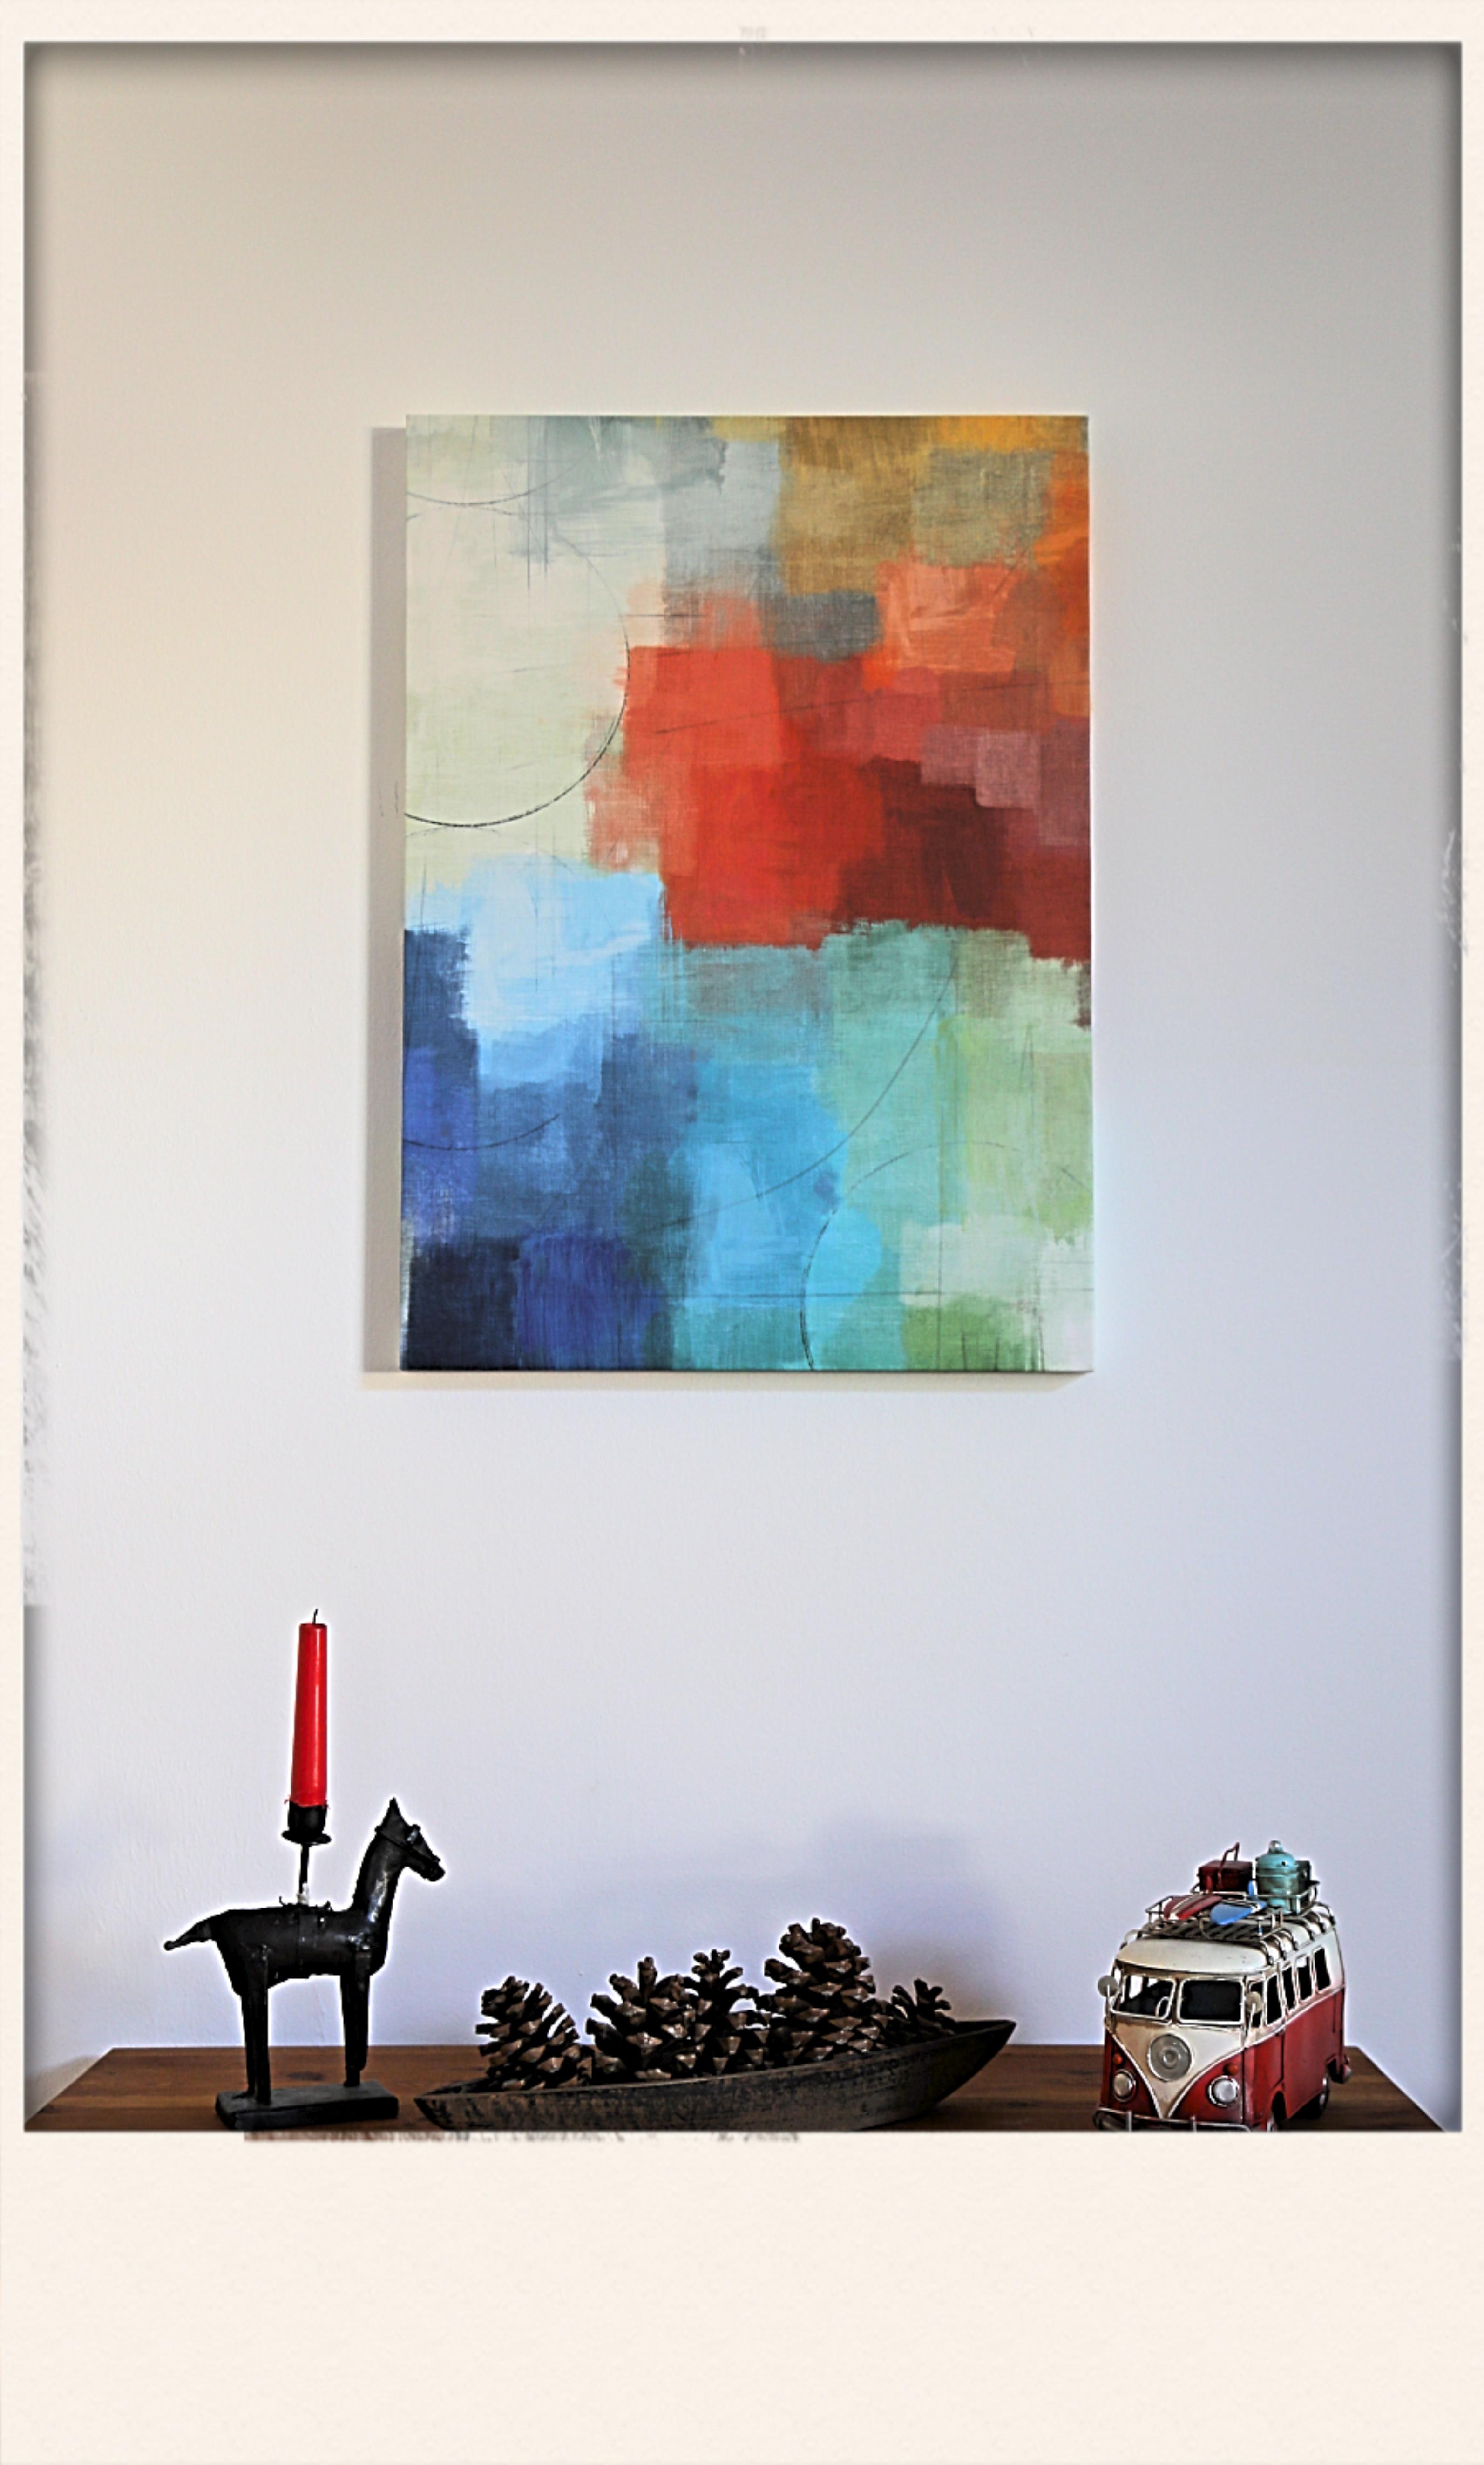 4 jahreszeiten auf der leinwand trendblog. Black Bedroom Furniture Sets. Home Design Ideas